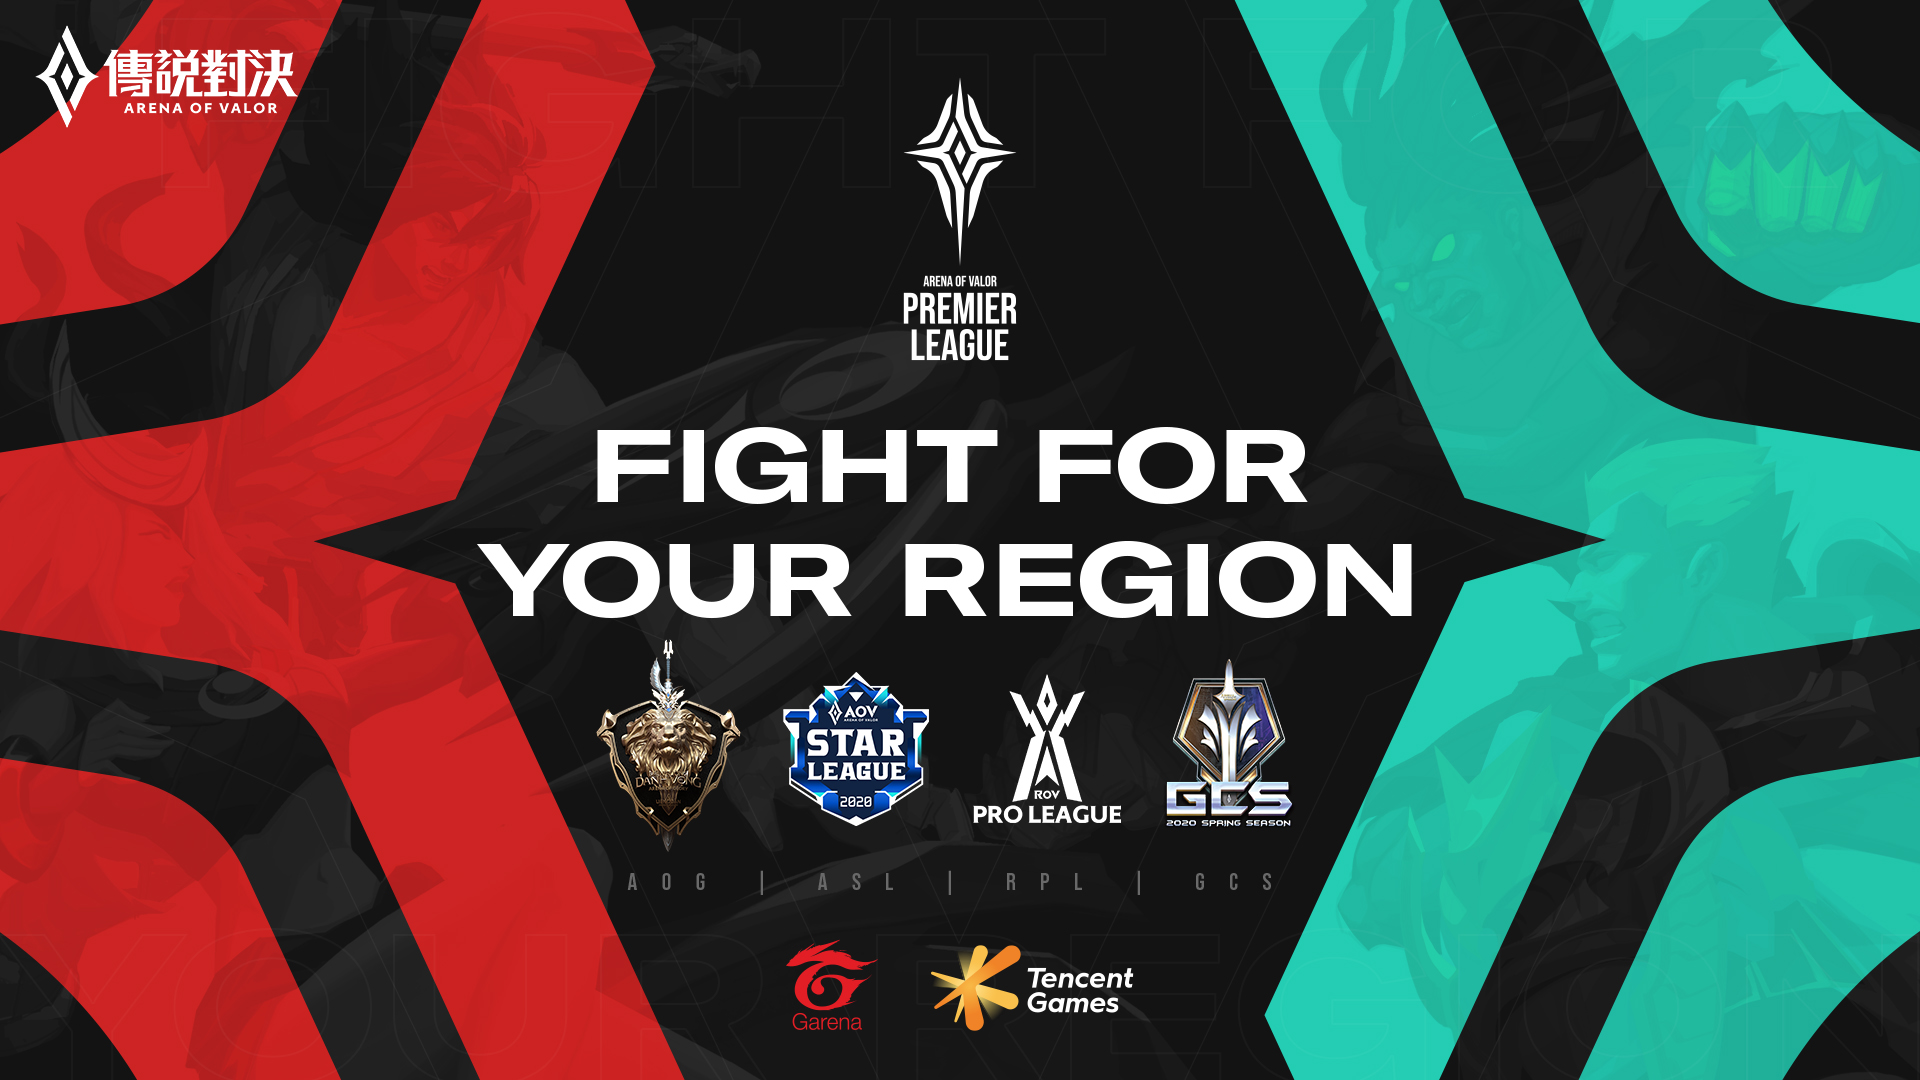 ▲14支頂級職業戰隊將在2020 APL超級職業聯賽上展開頂尖對決